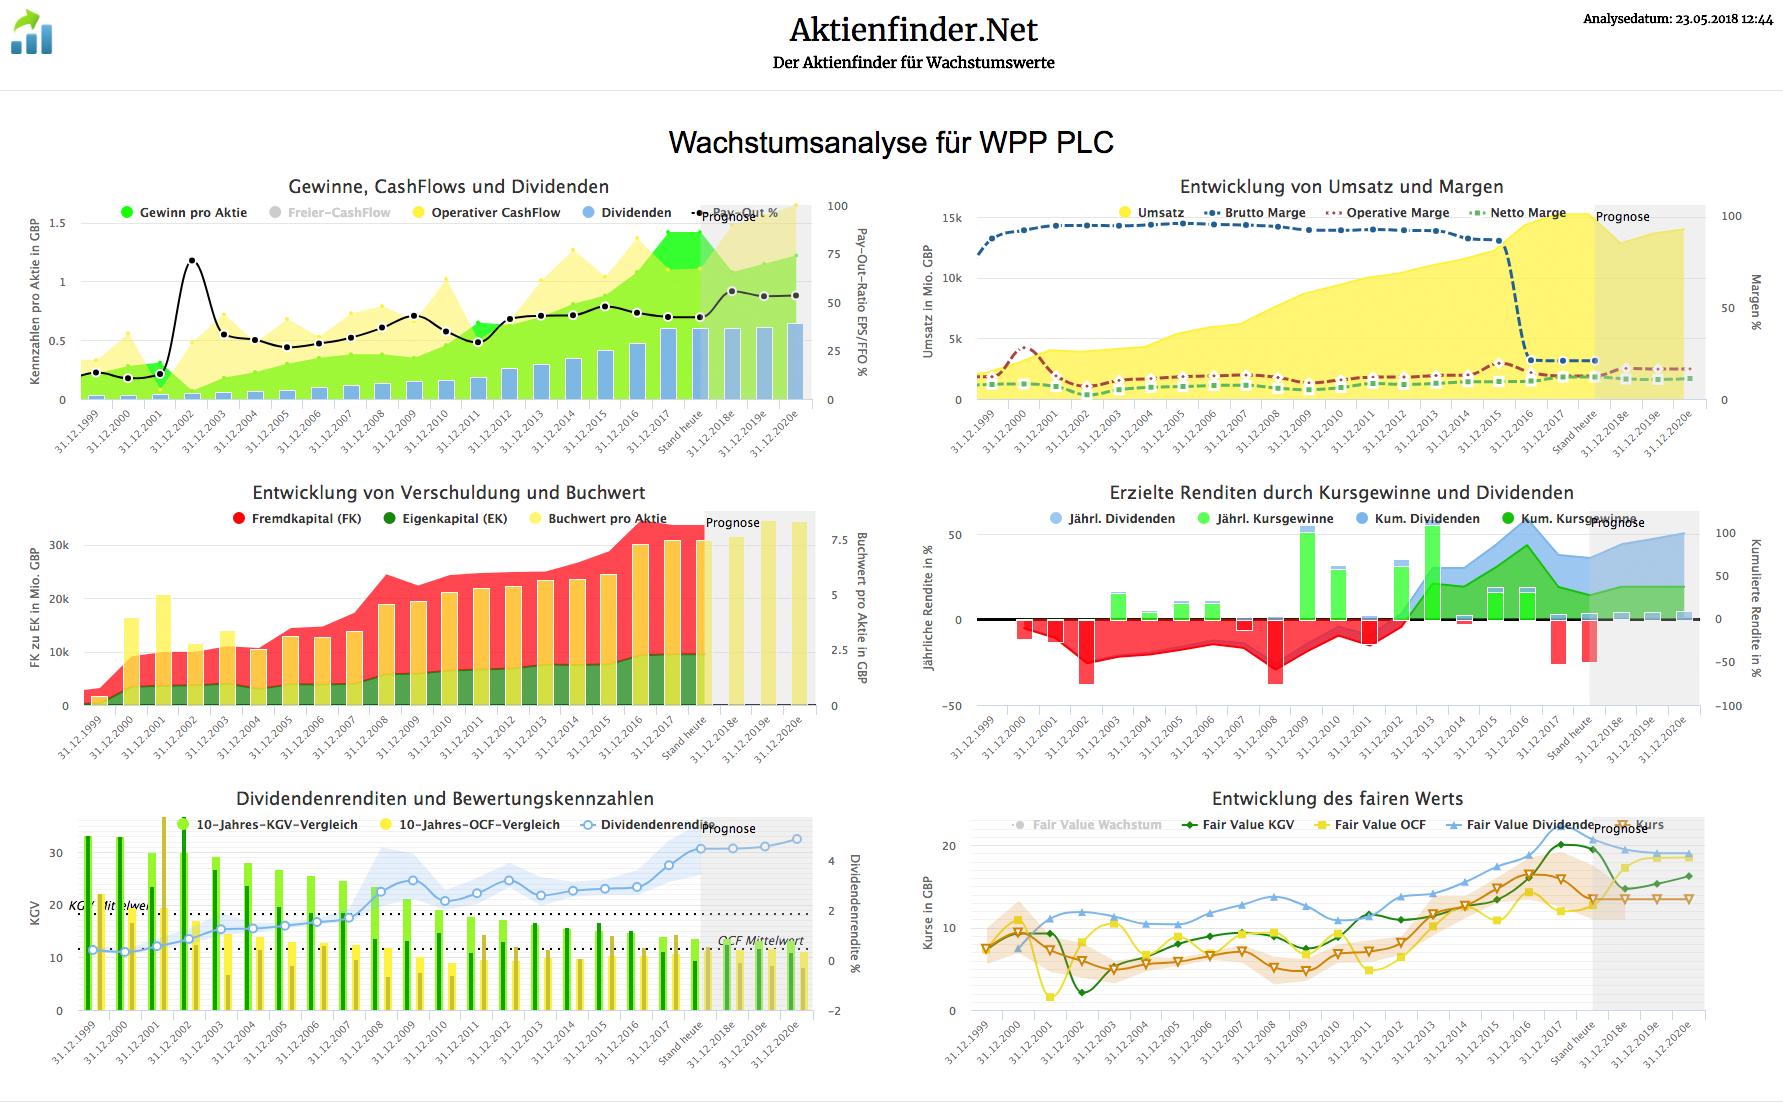 Wachstumsanalyse für WPP PLC